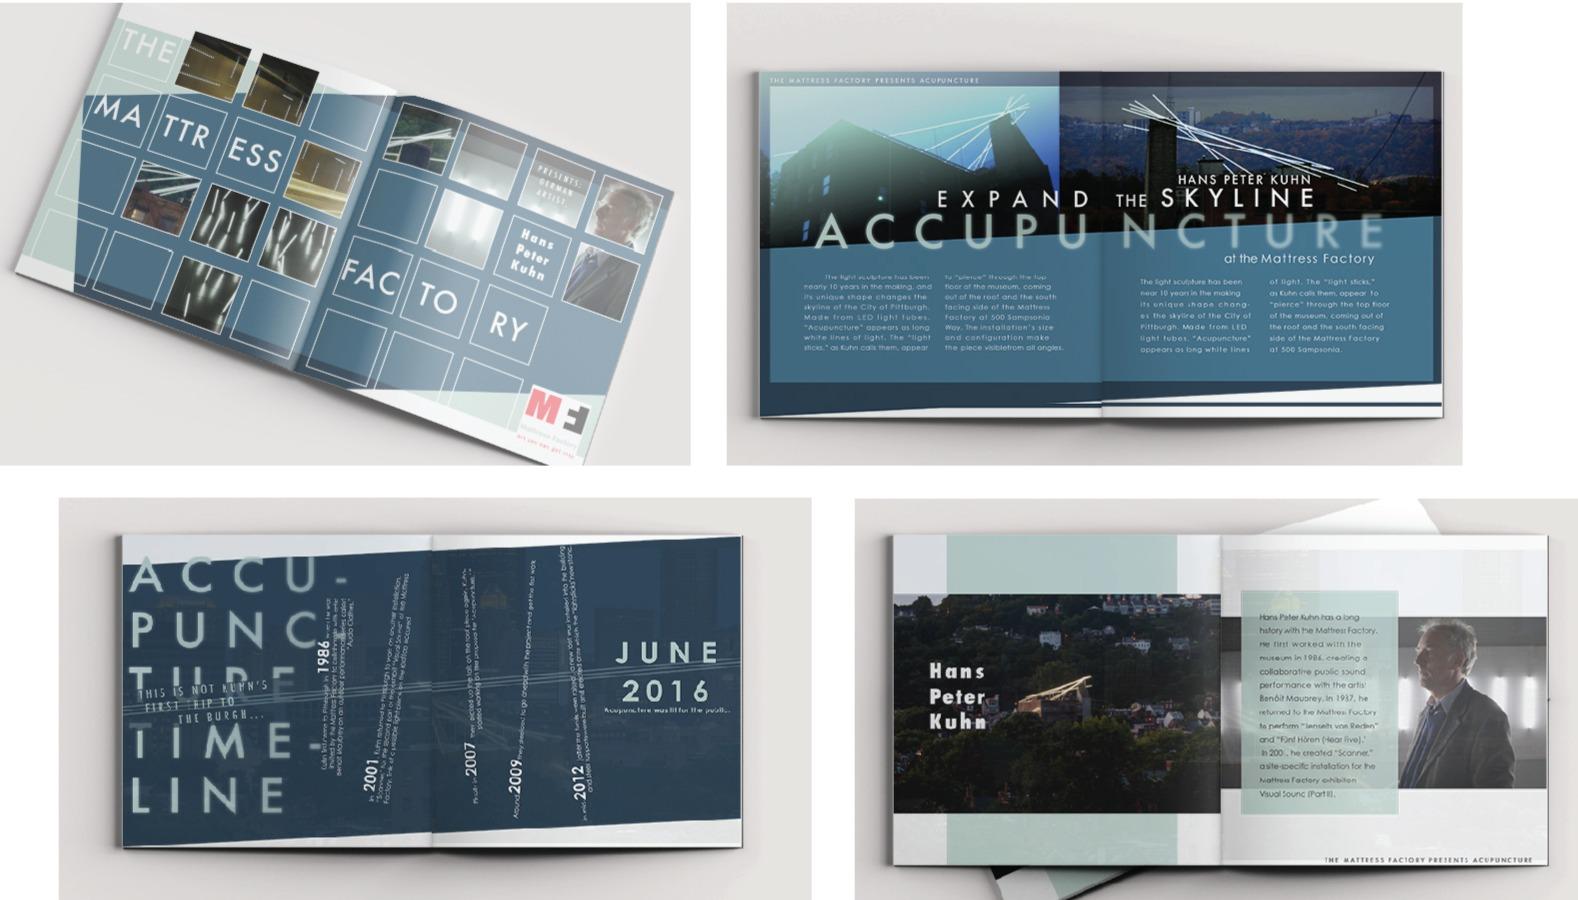 Mattress Factory Promo Book